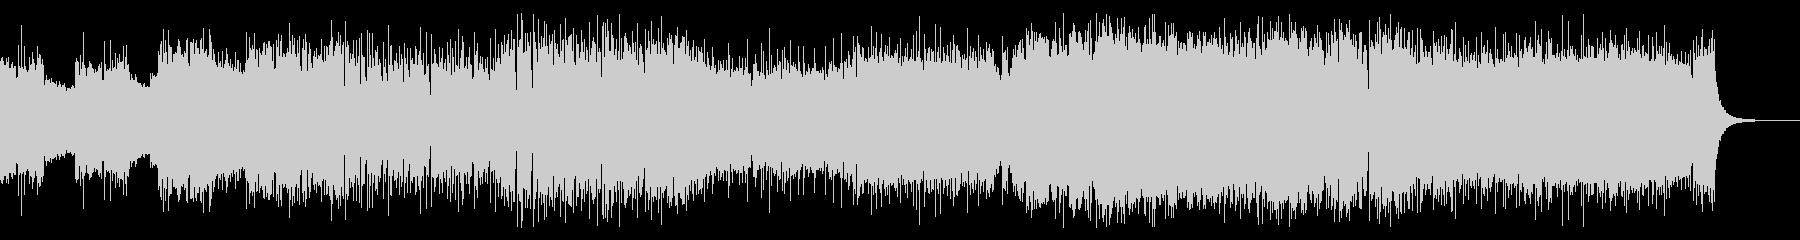 スリリングでプログレッシブなハードロックの未再生の波形